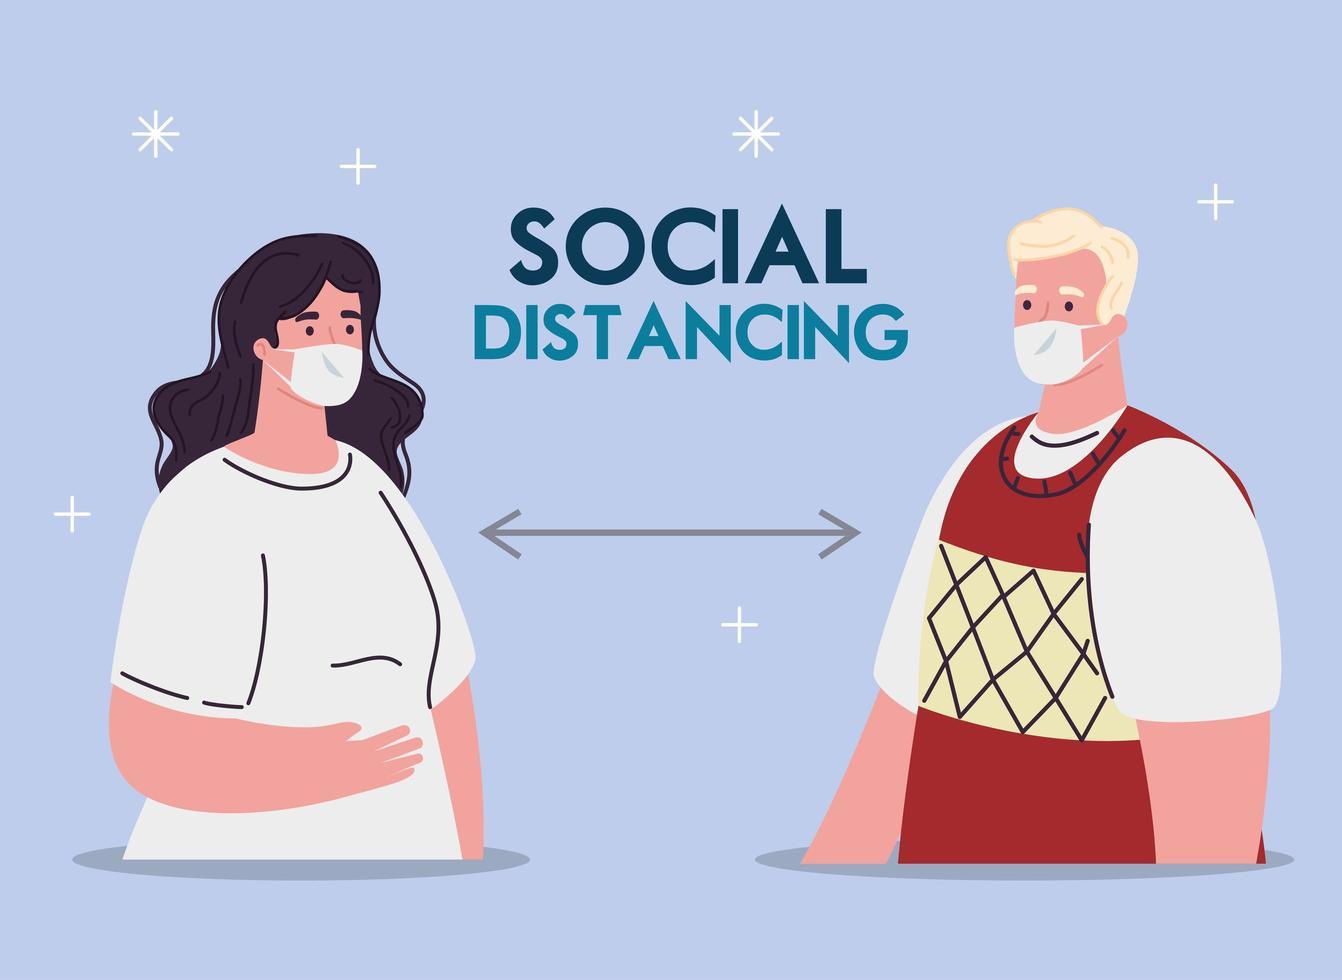 femme vieil homme et distance sociale entre eux vector design